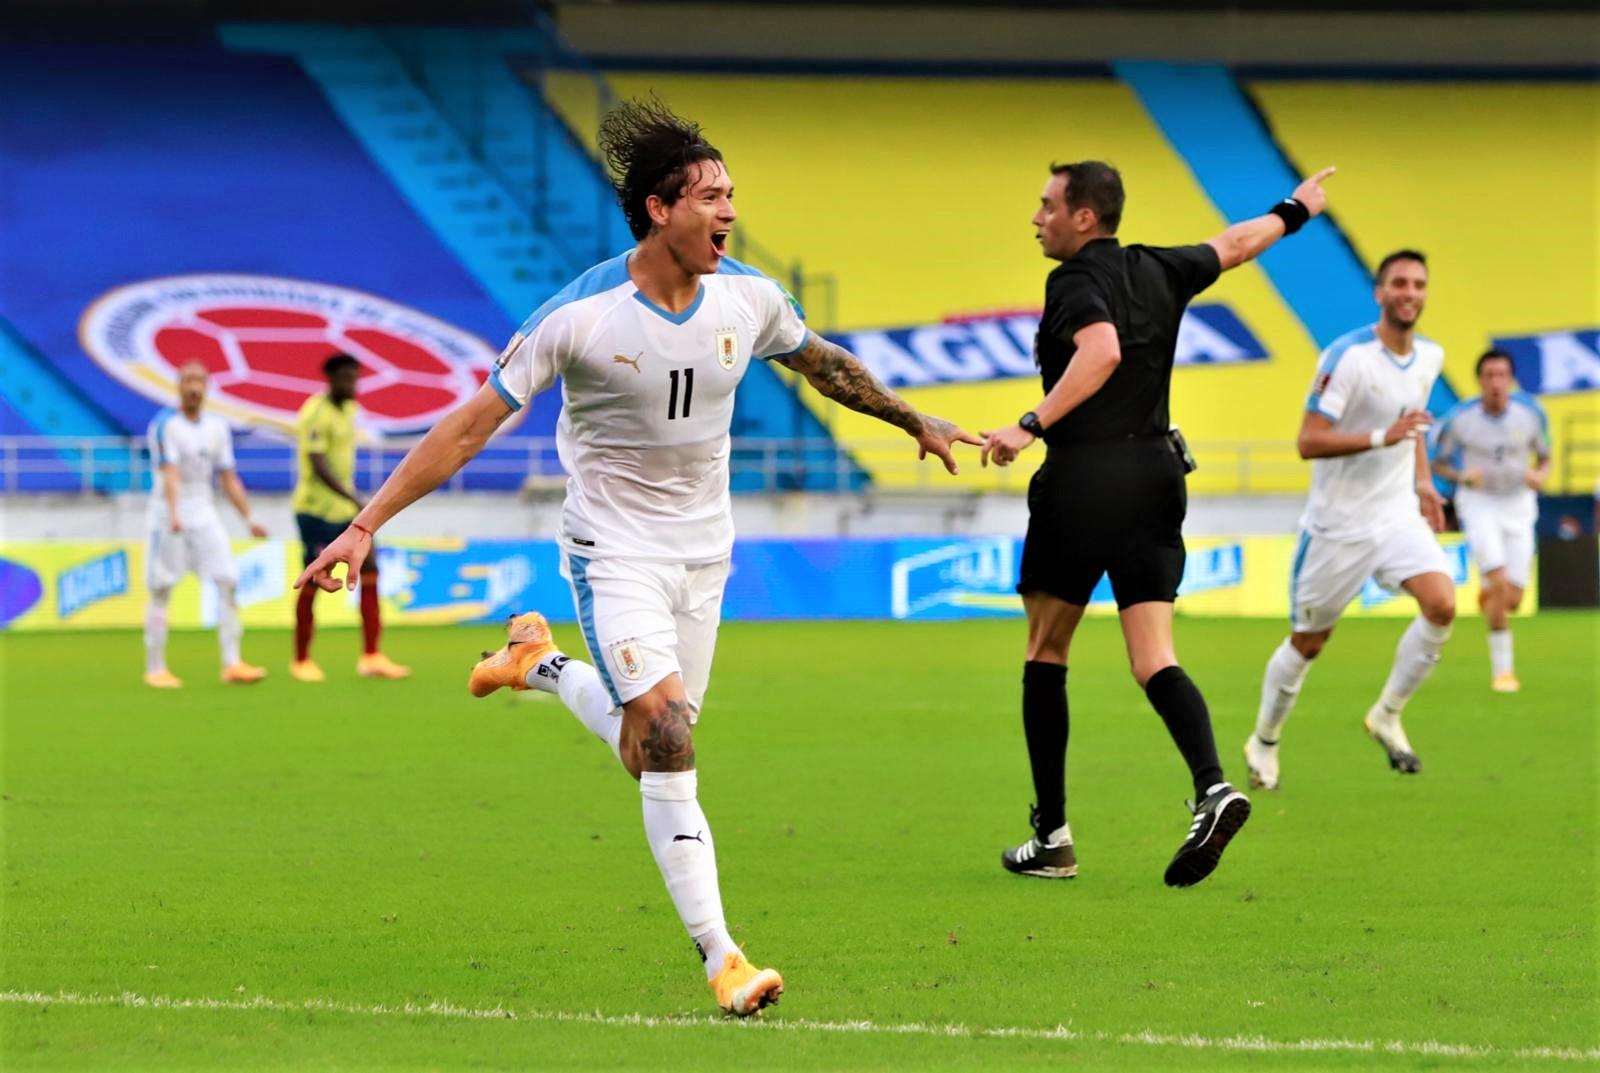 Darwin Núñez: o futuro que vai virando realidade na Seleção Uruguaia